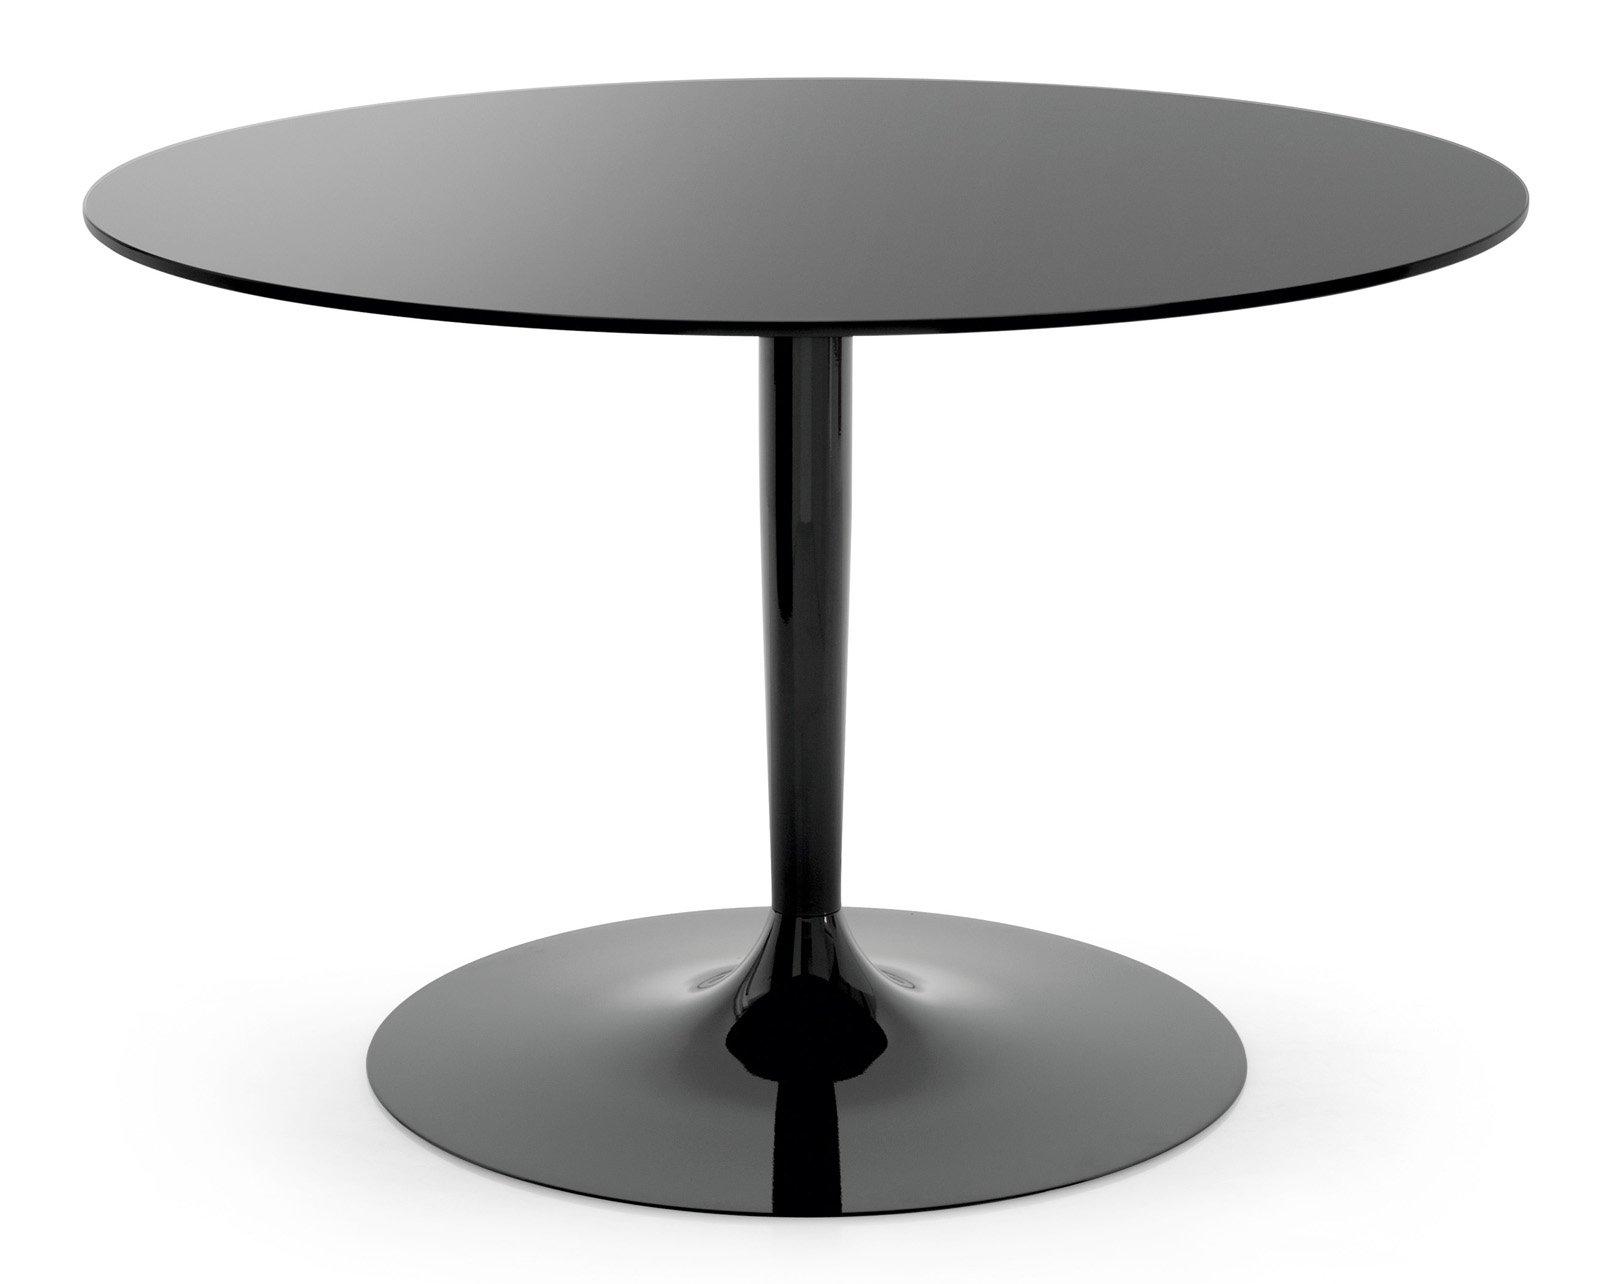 Tavoli da cucina quadrati tondi o rettangolari for Tavolo salvaspazio